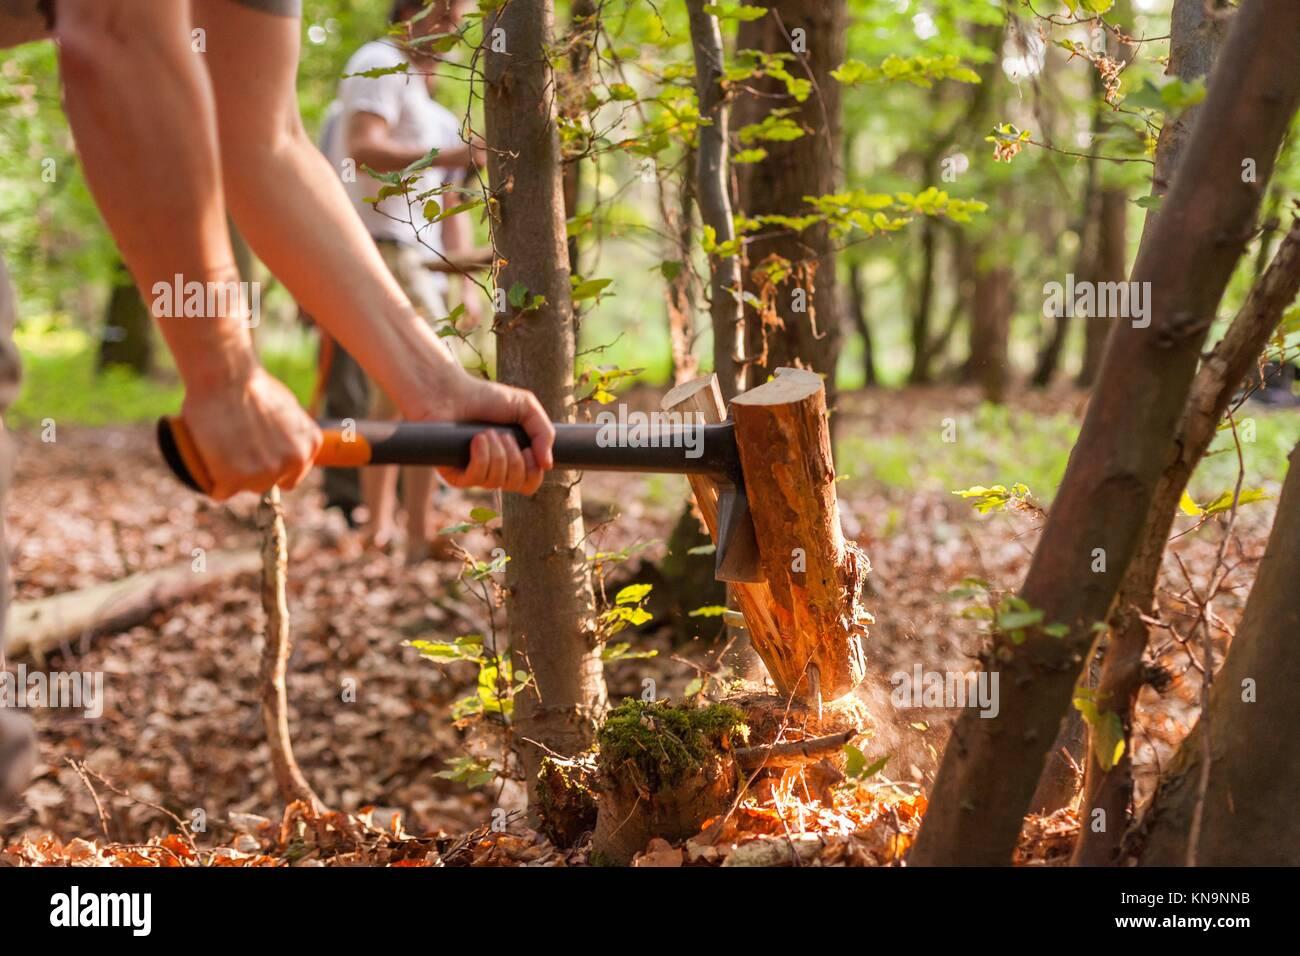 La division d'un log de bois avec une hache dans une forêt. Photo Stock